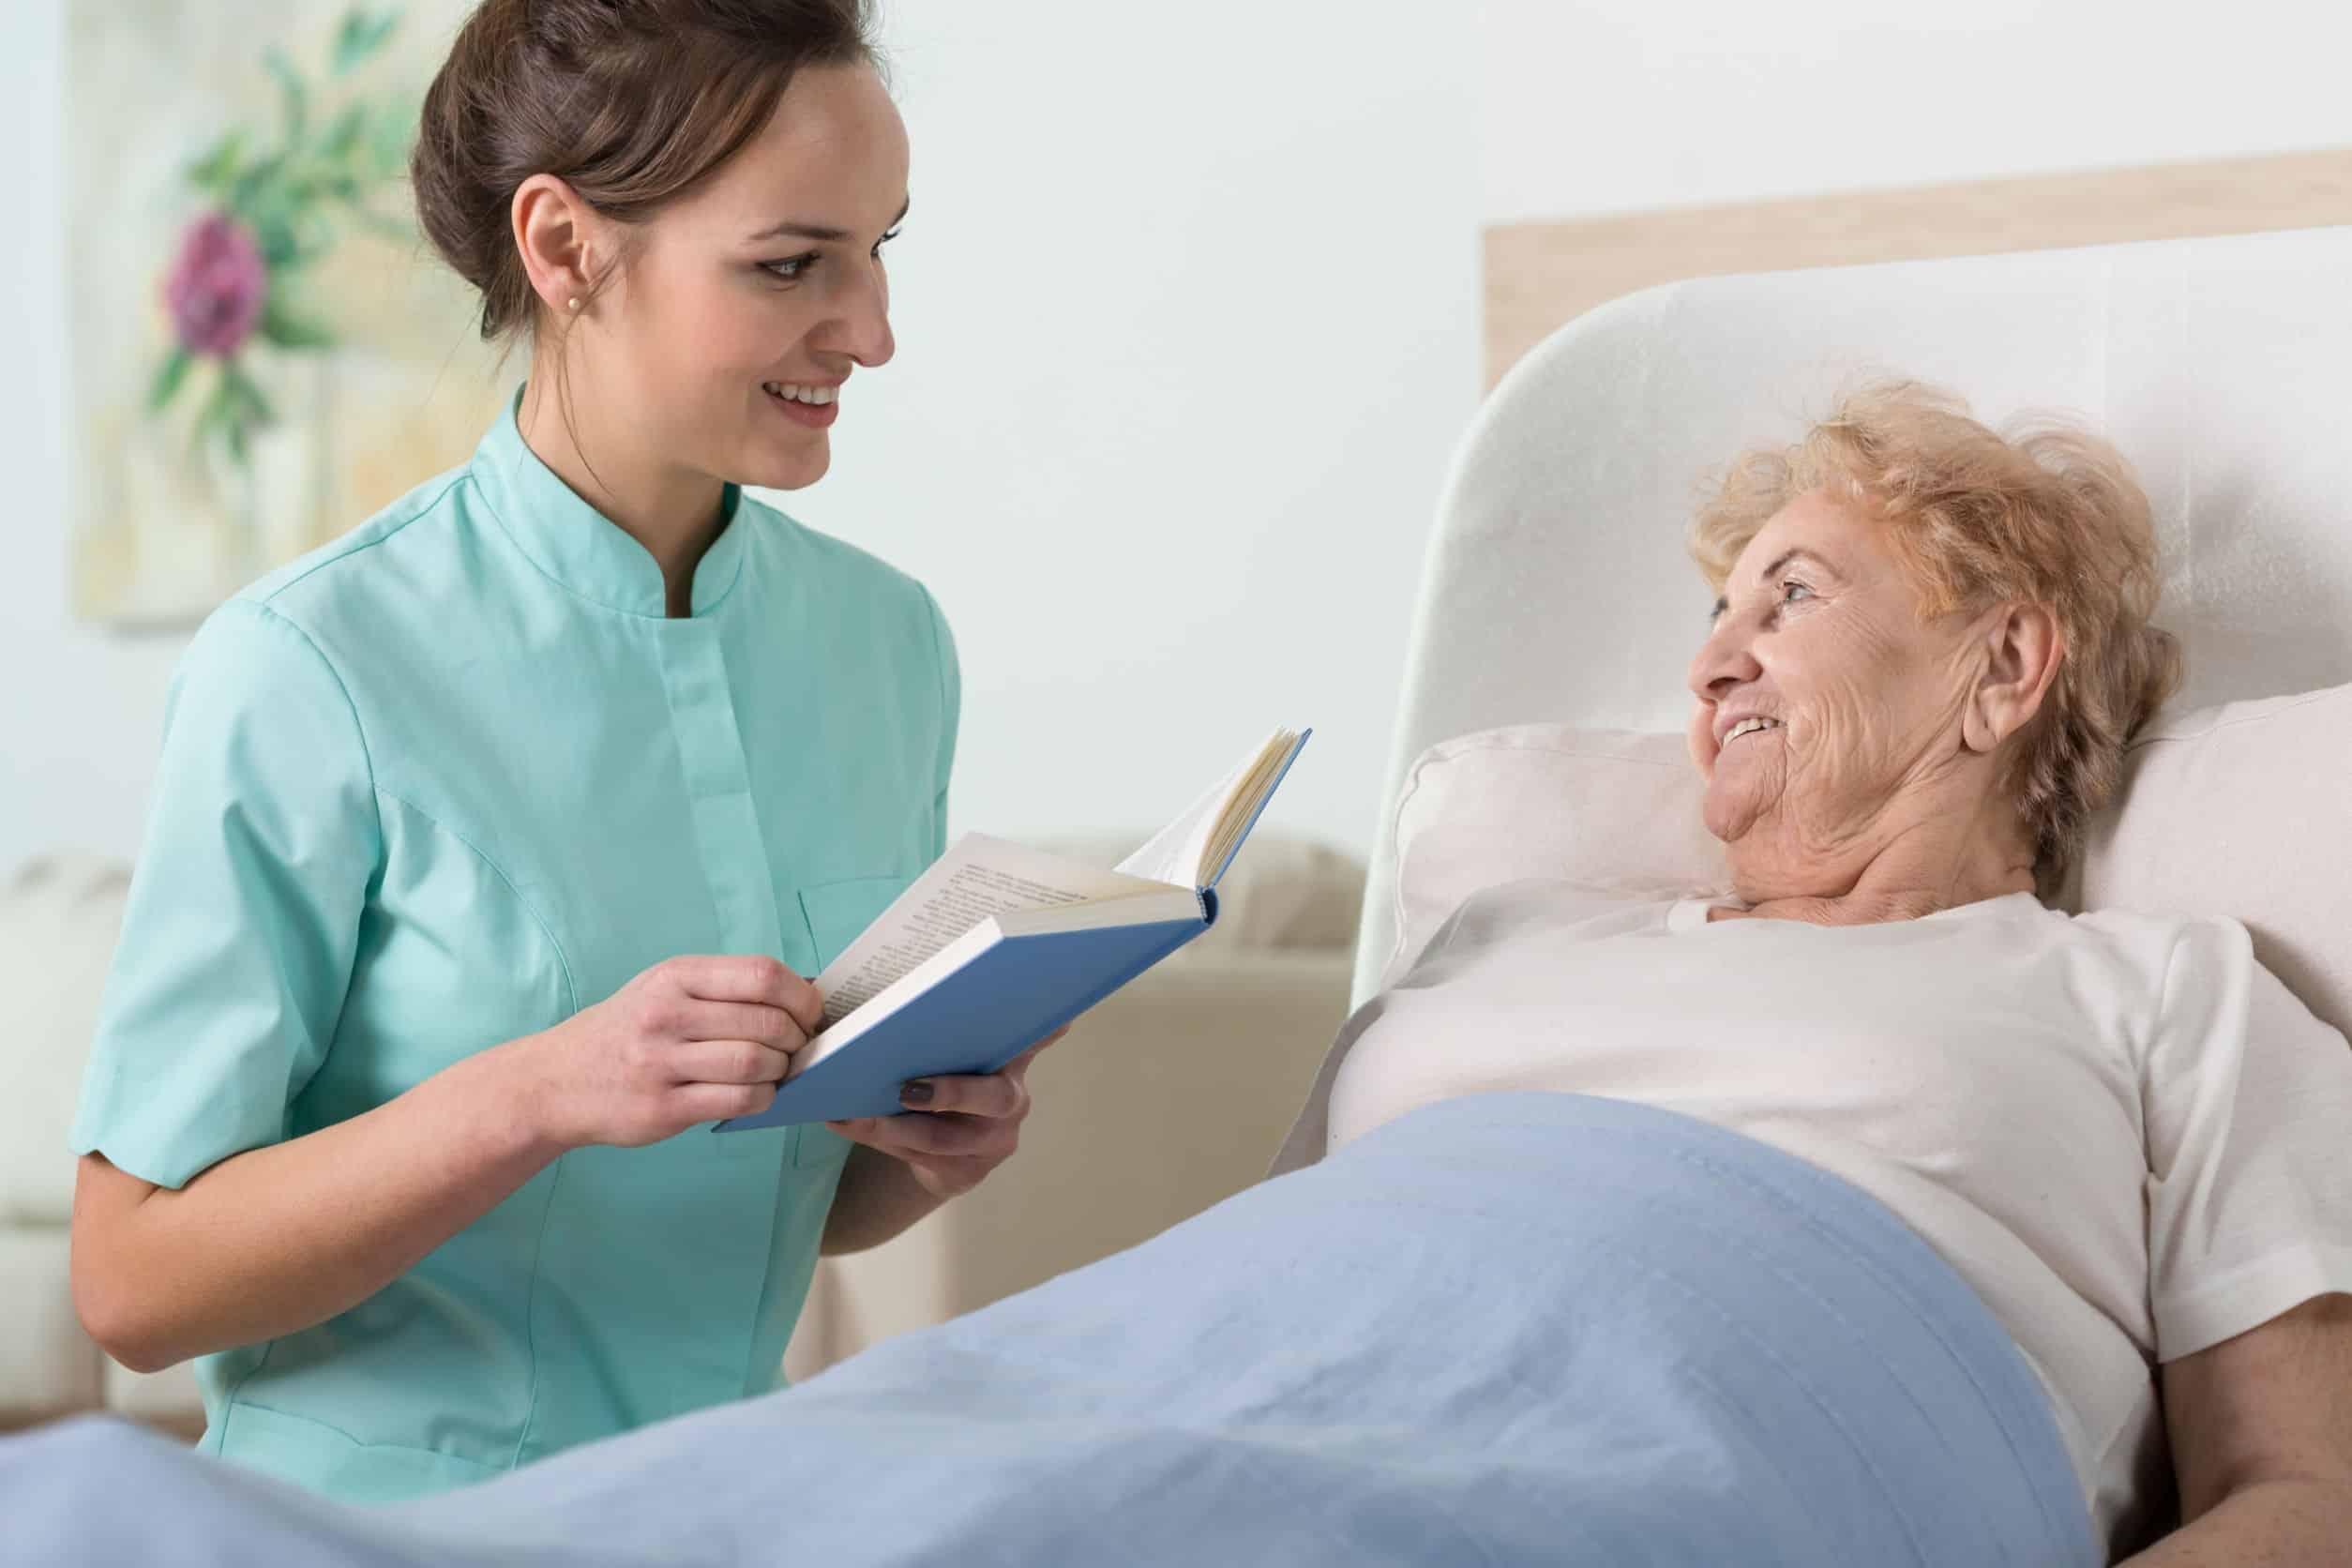 Edukacja starszej pani na temat powstawania odleżyn